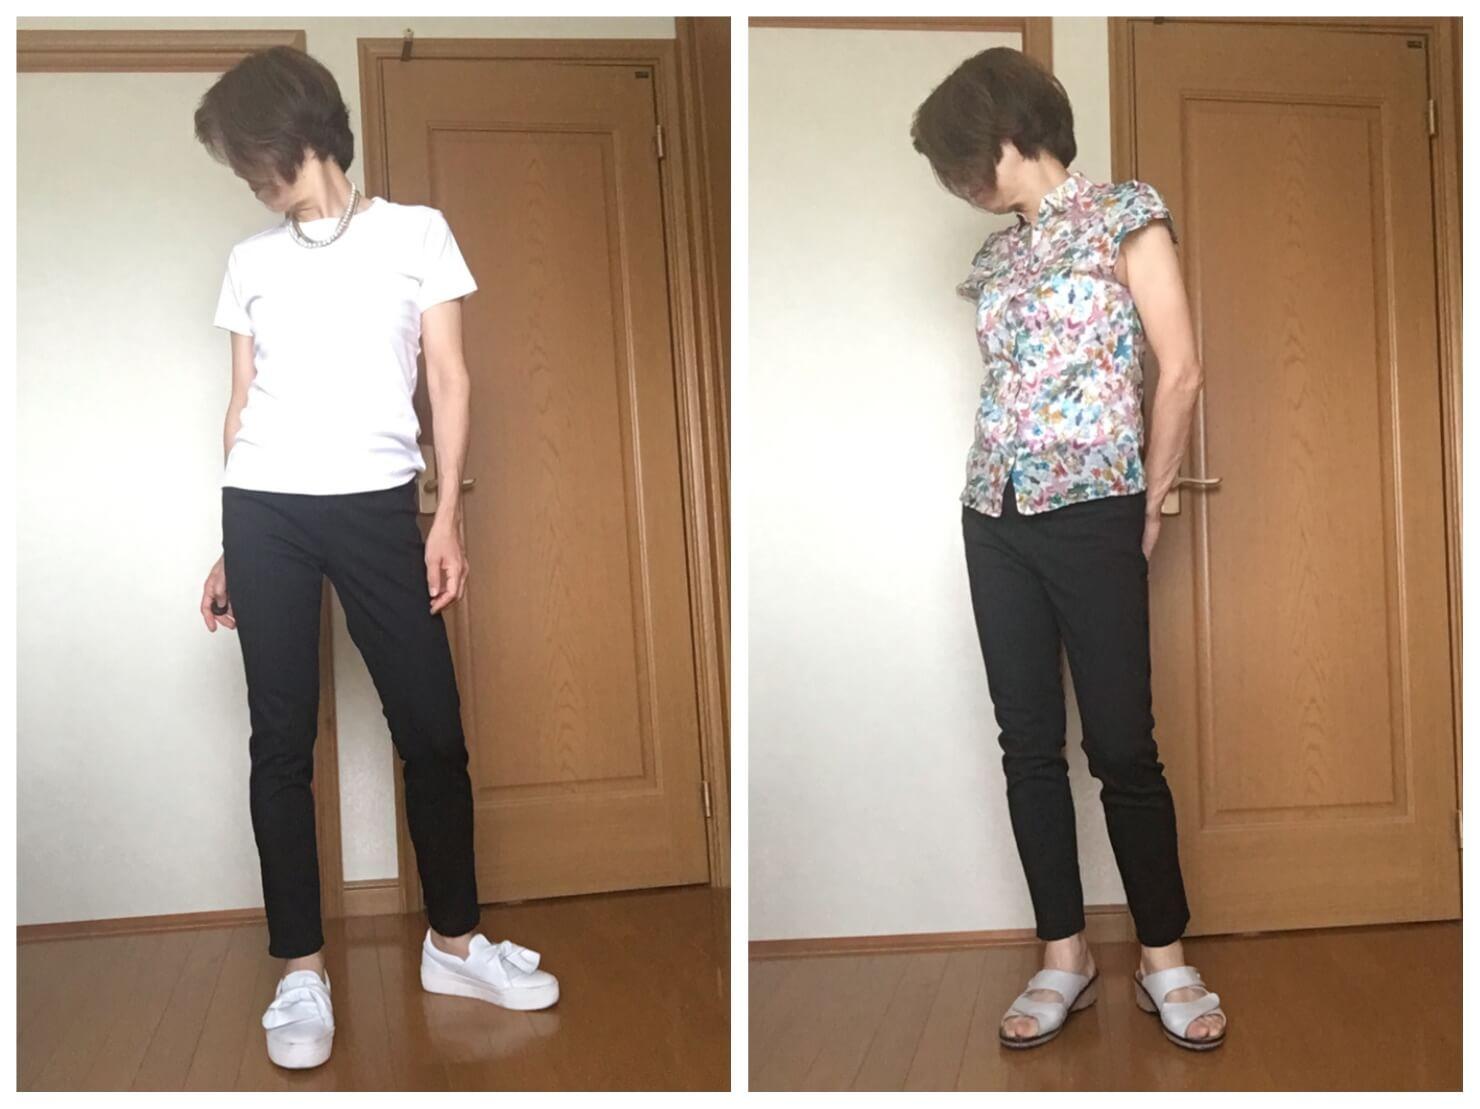 無印良品の黒スキニーパンツと花柄のブラウス、白のTシャツと合わせた写真